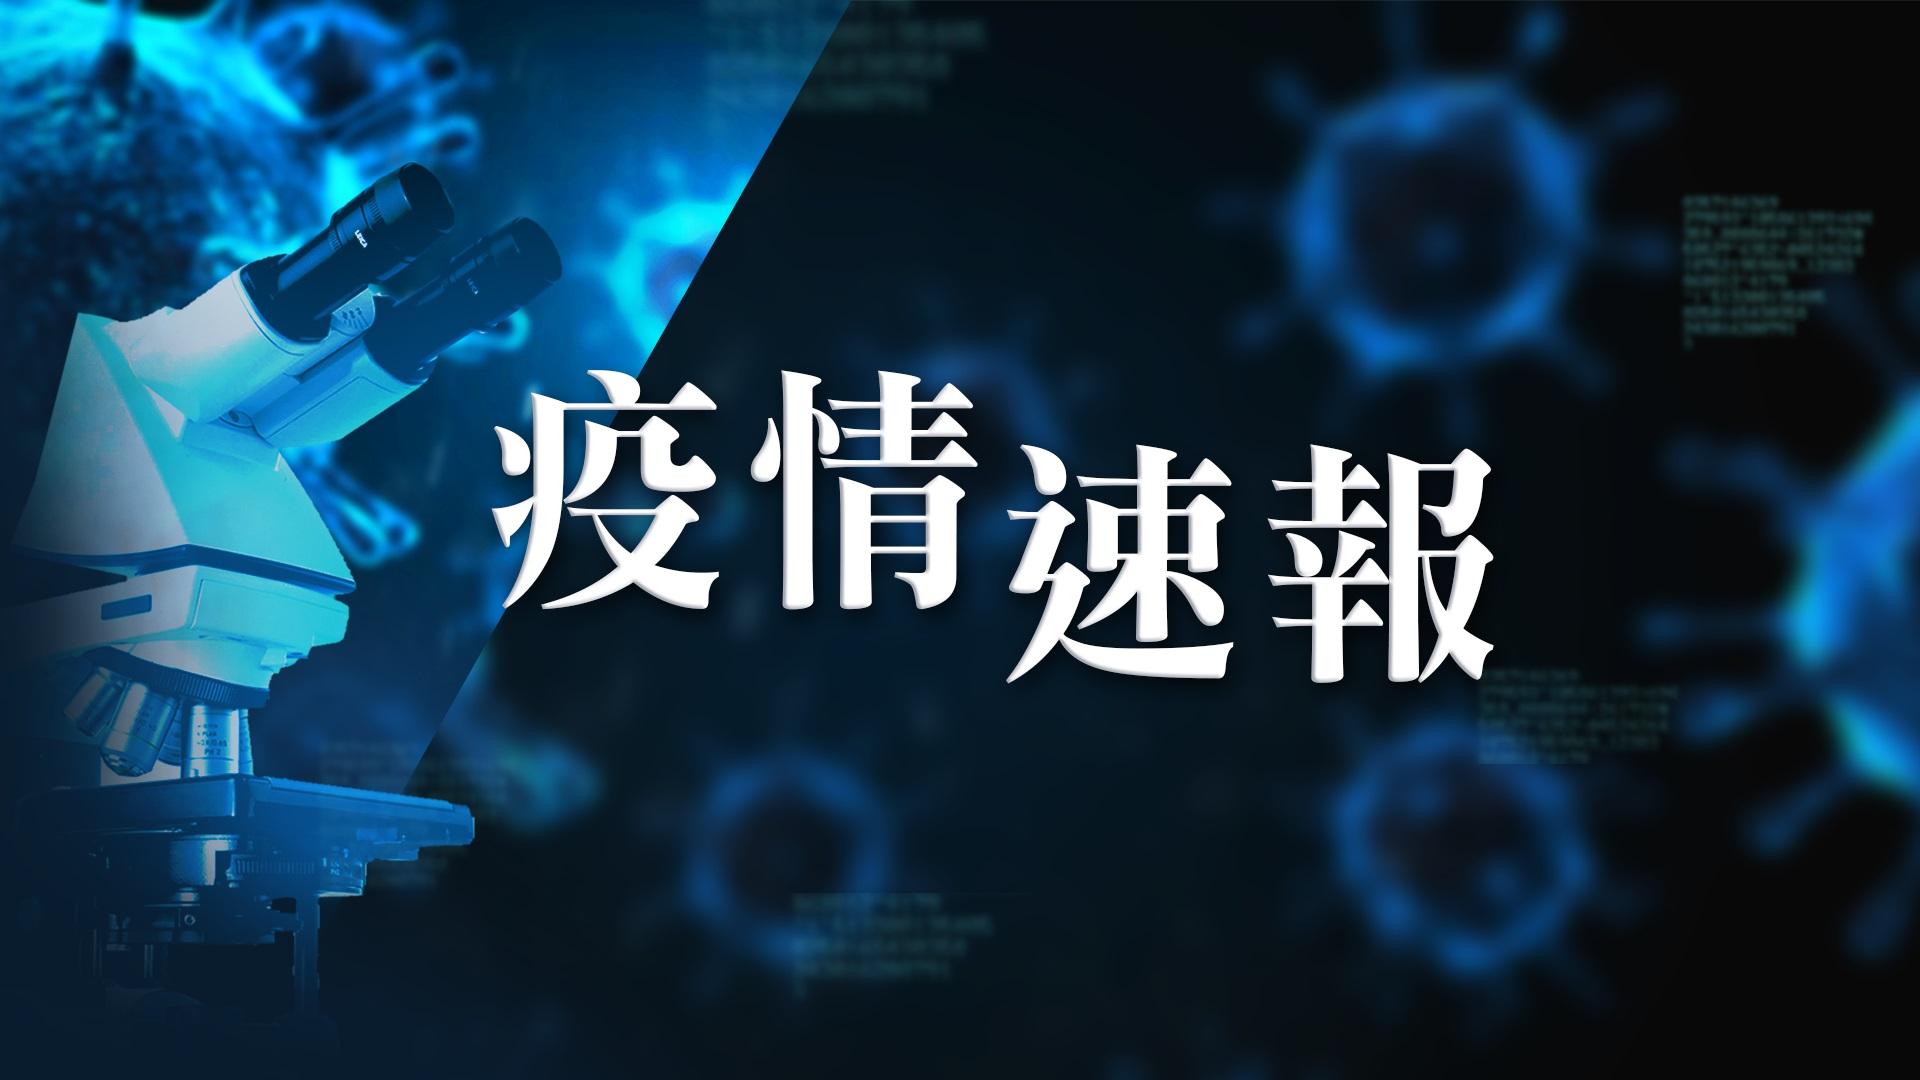 【7月22日疫情速報】(23:10)